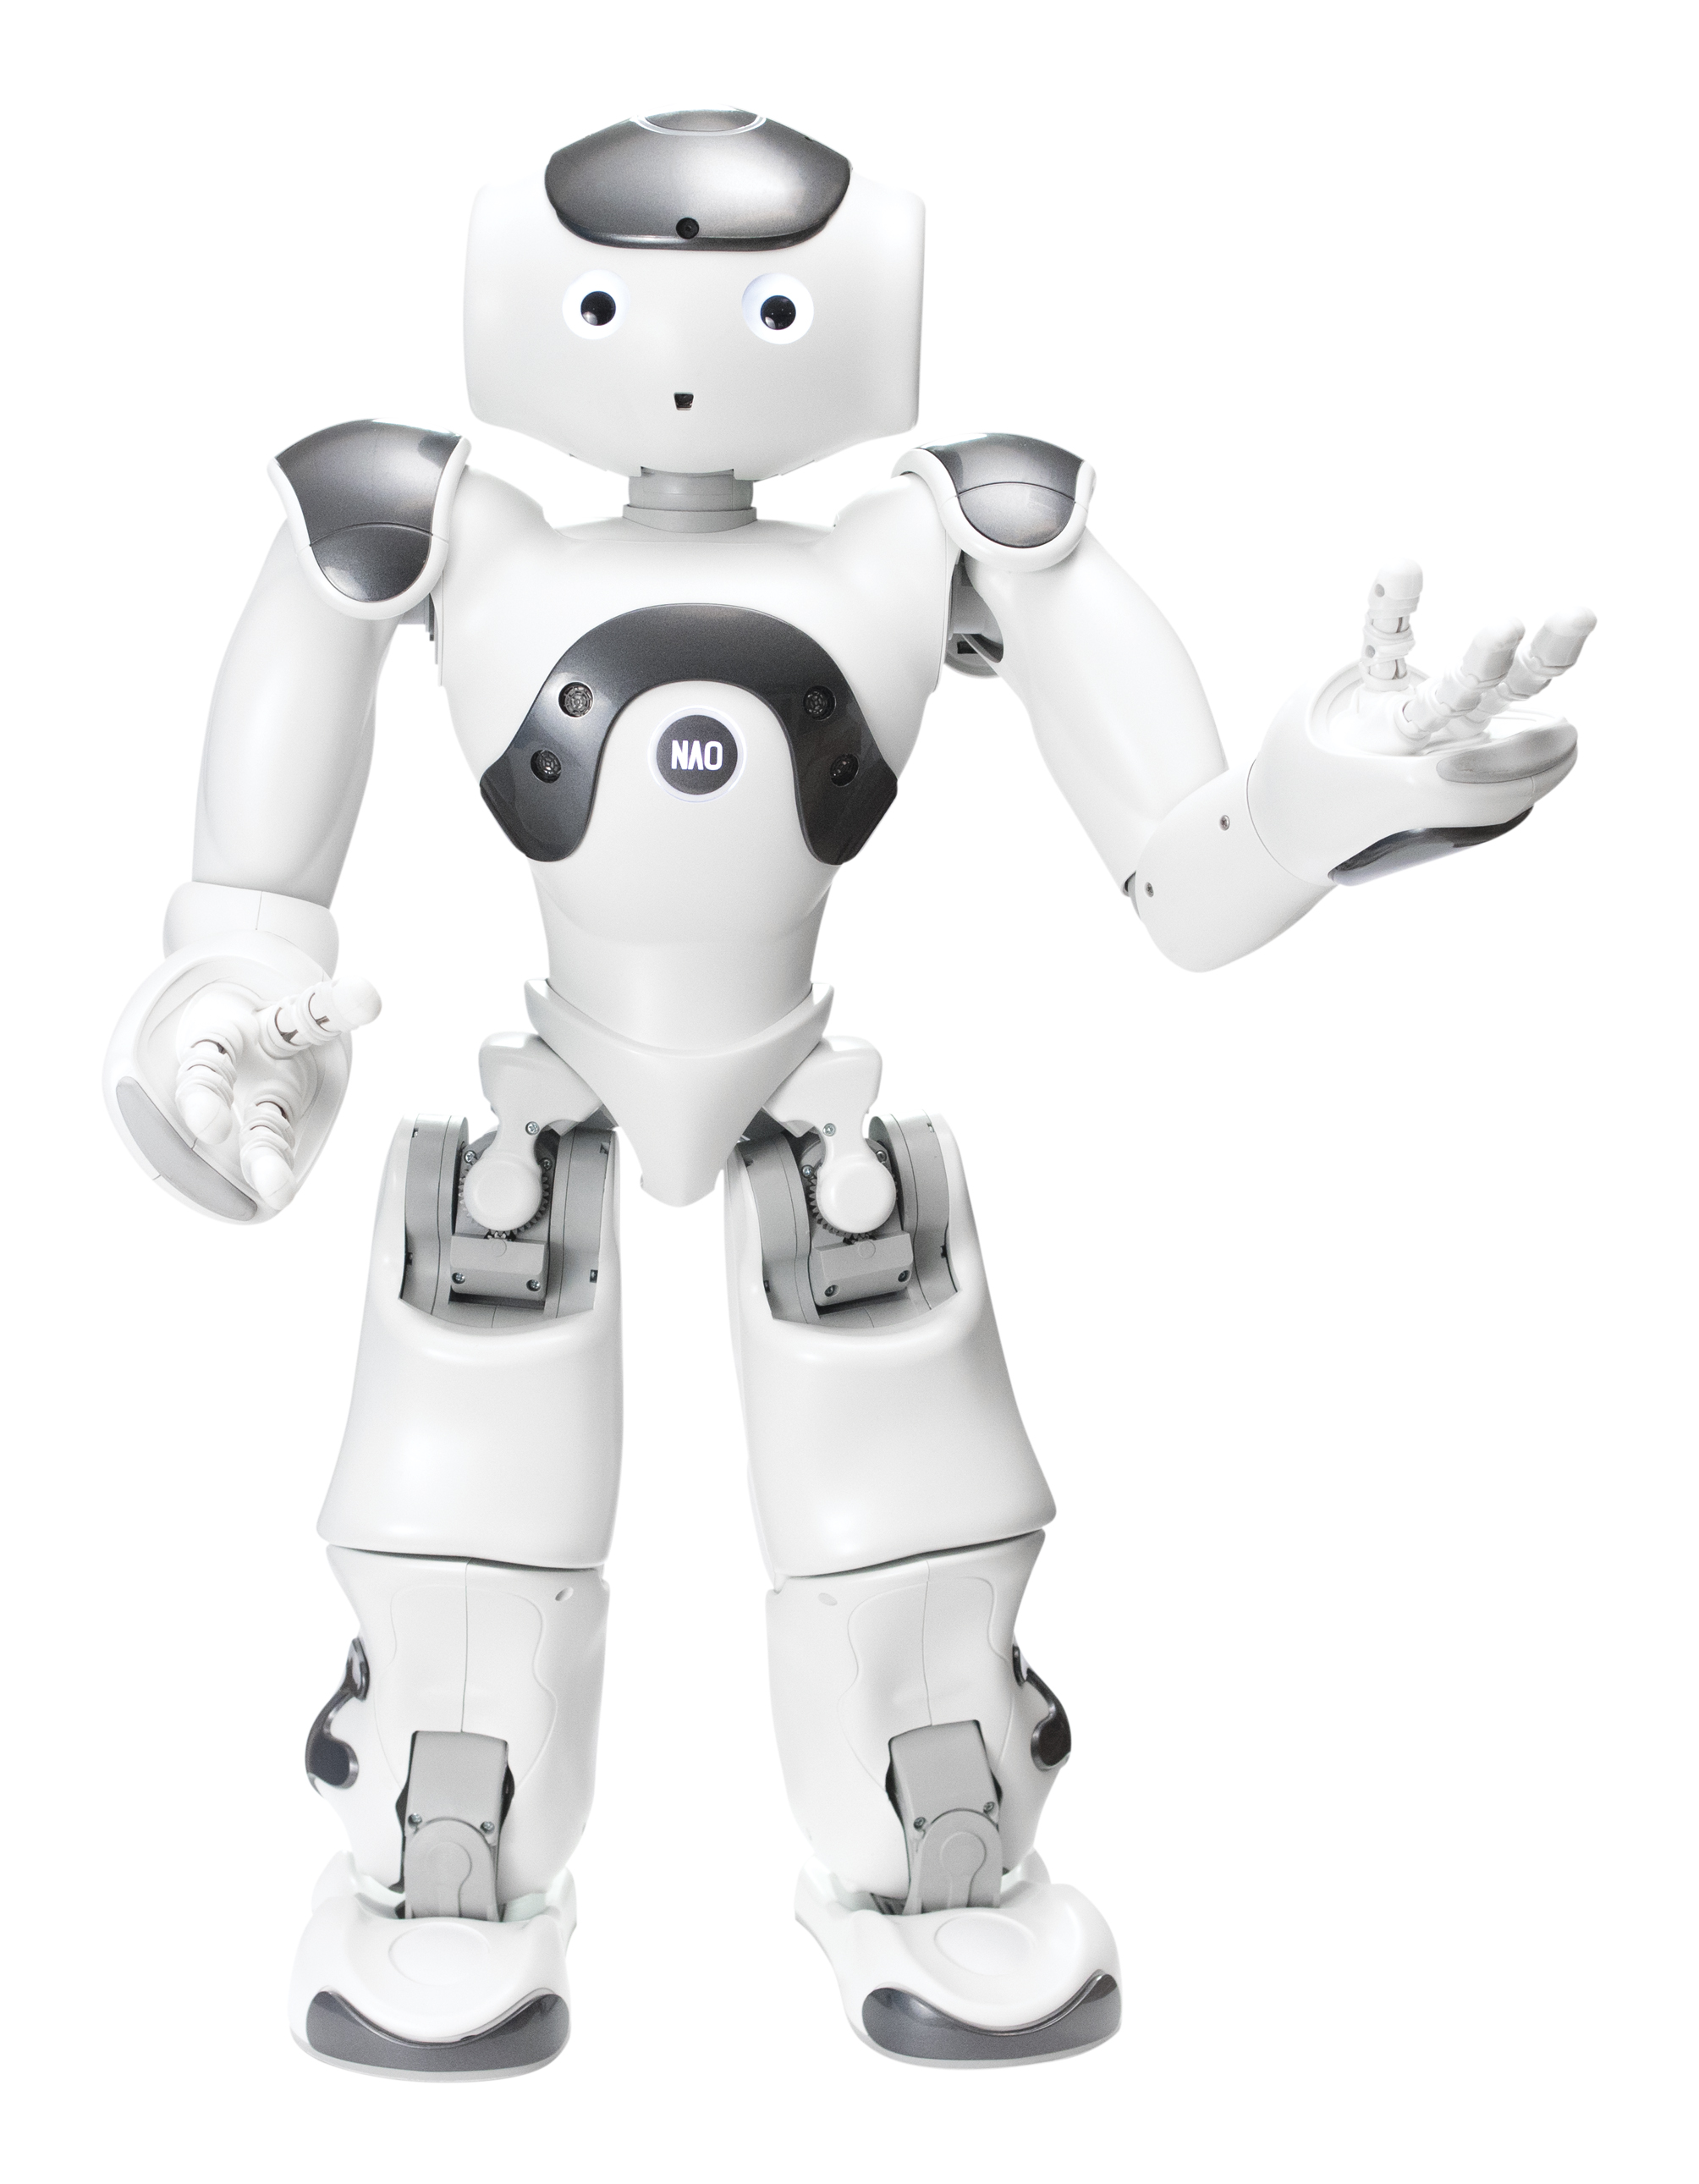 Erm Robot Humano 239 De Nao